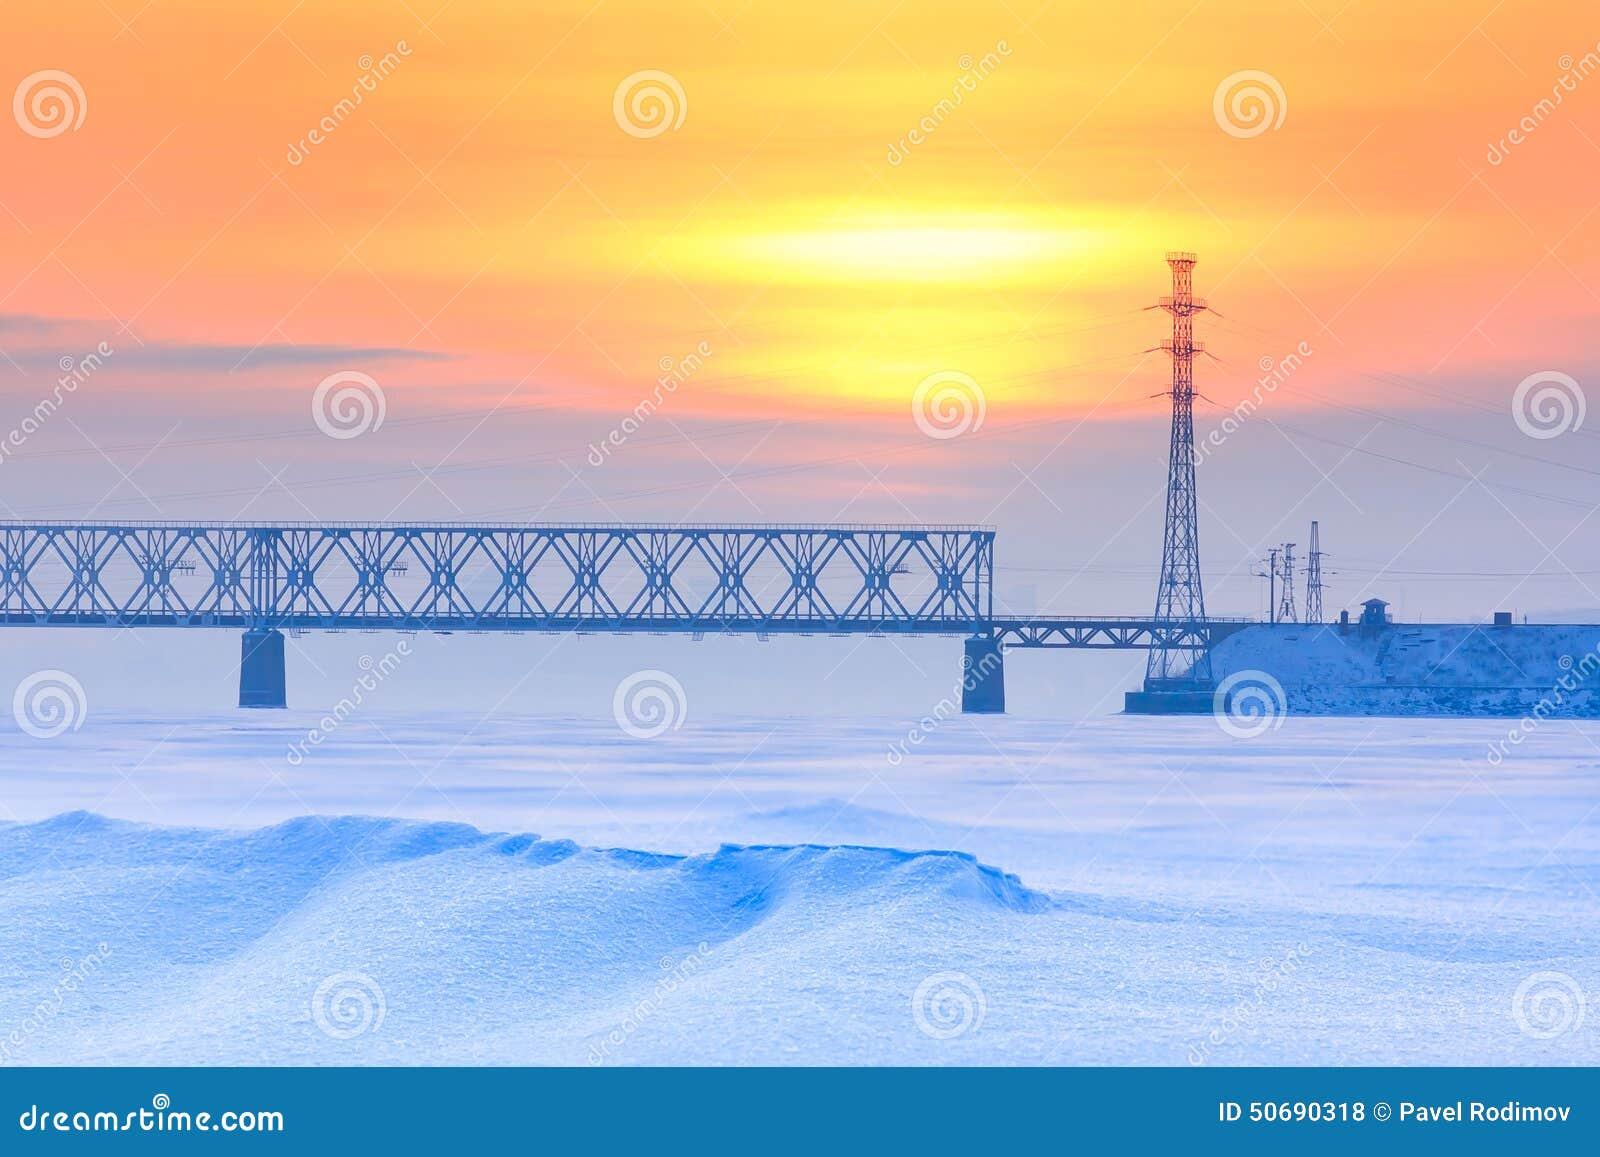 Download 绿色铁路桥 库存照片. 图片 包括有 本质, 室外, 天空, 横向, 摄影, 薄雾, 阳光, 冻结, 旅行 - 50690318